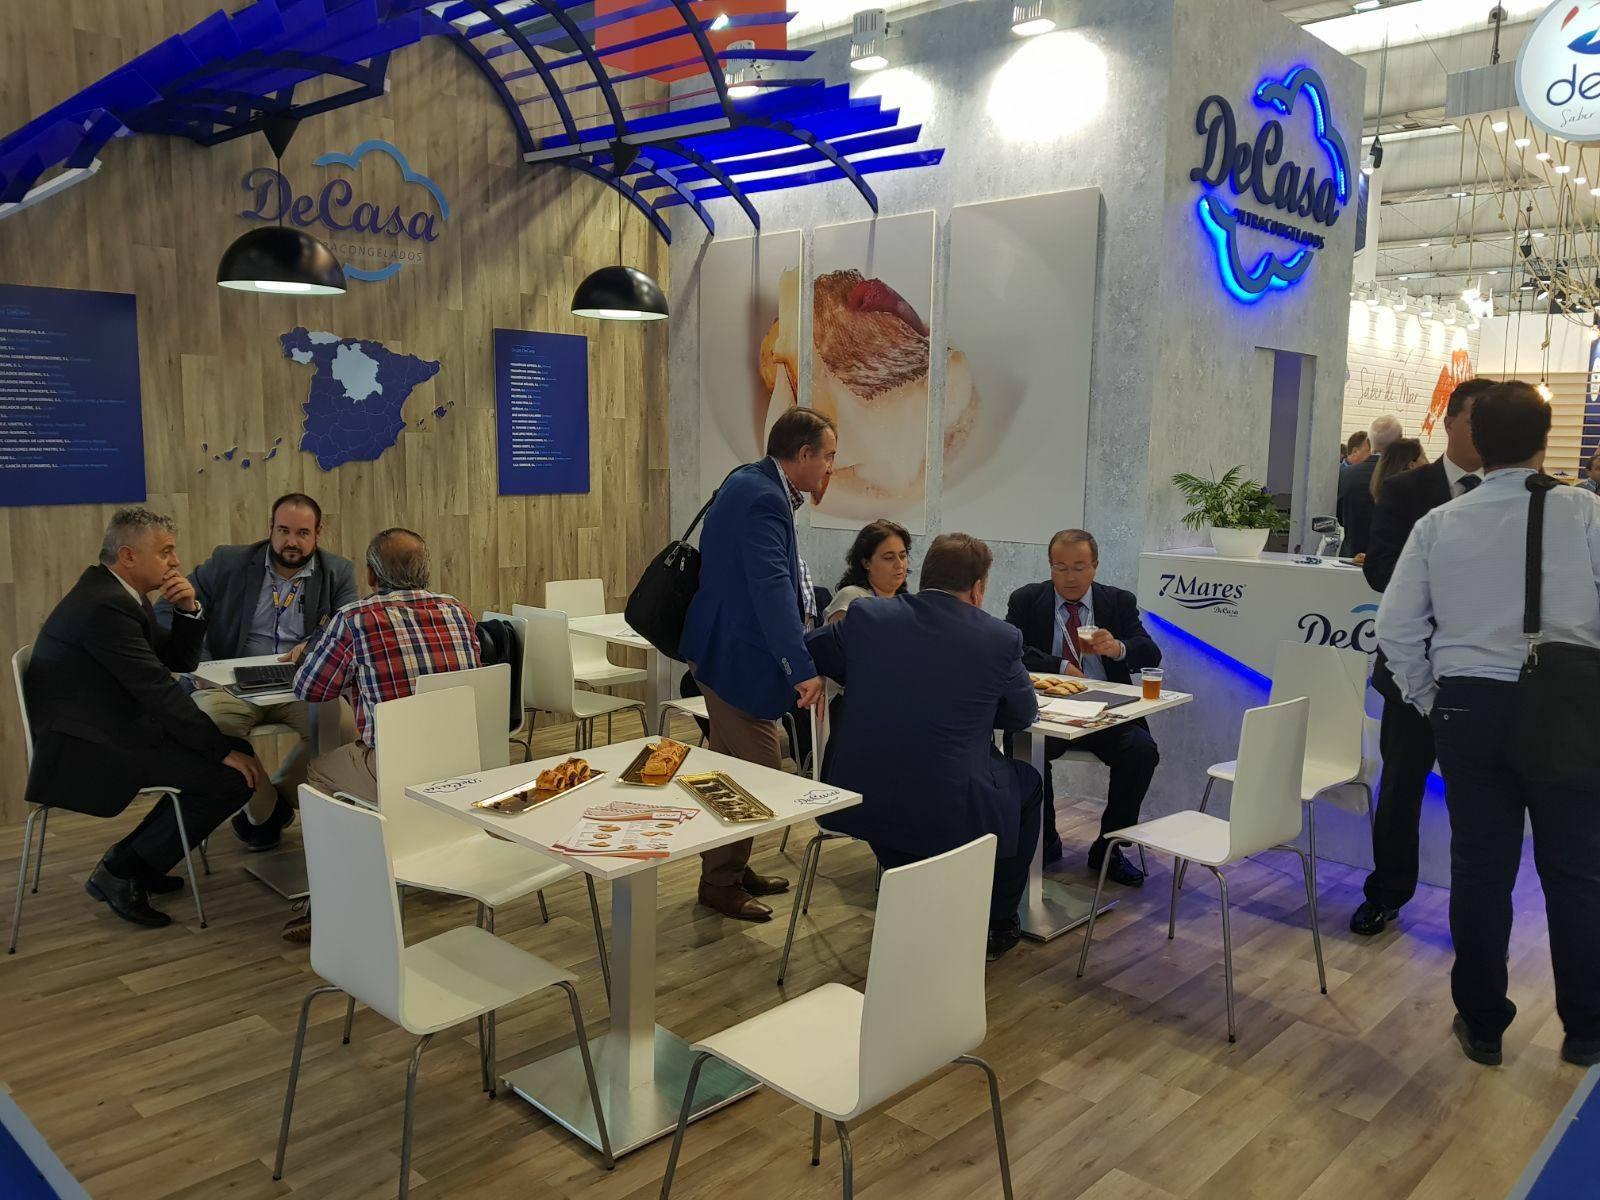 Idella Bakery asiste a la feria de productos del mar Conxemar en Vigo